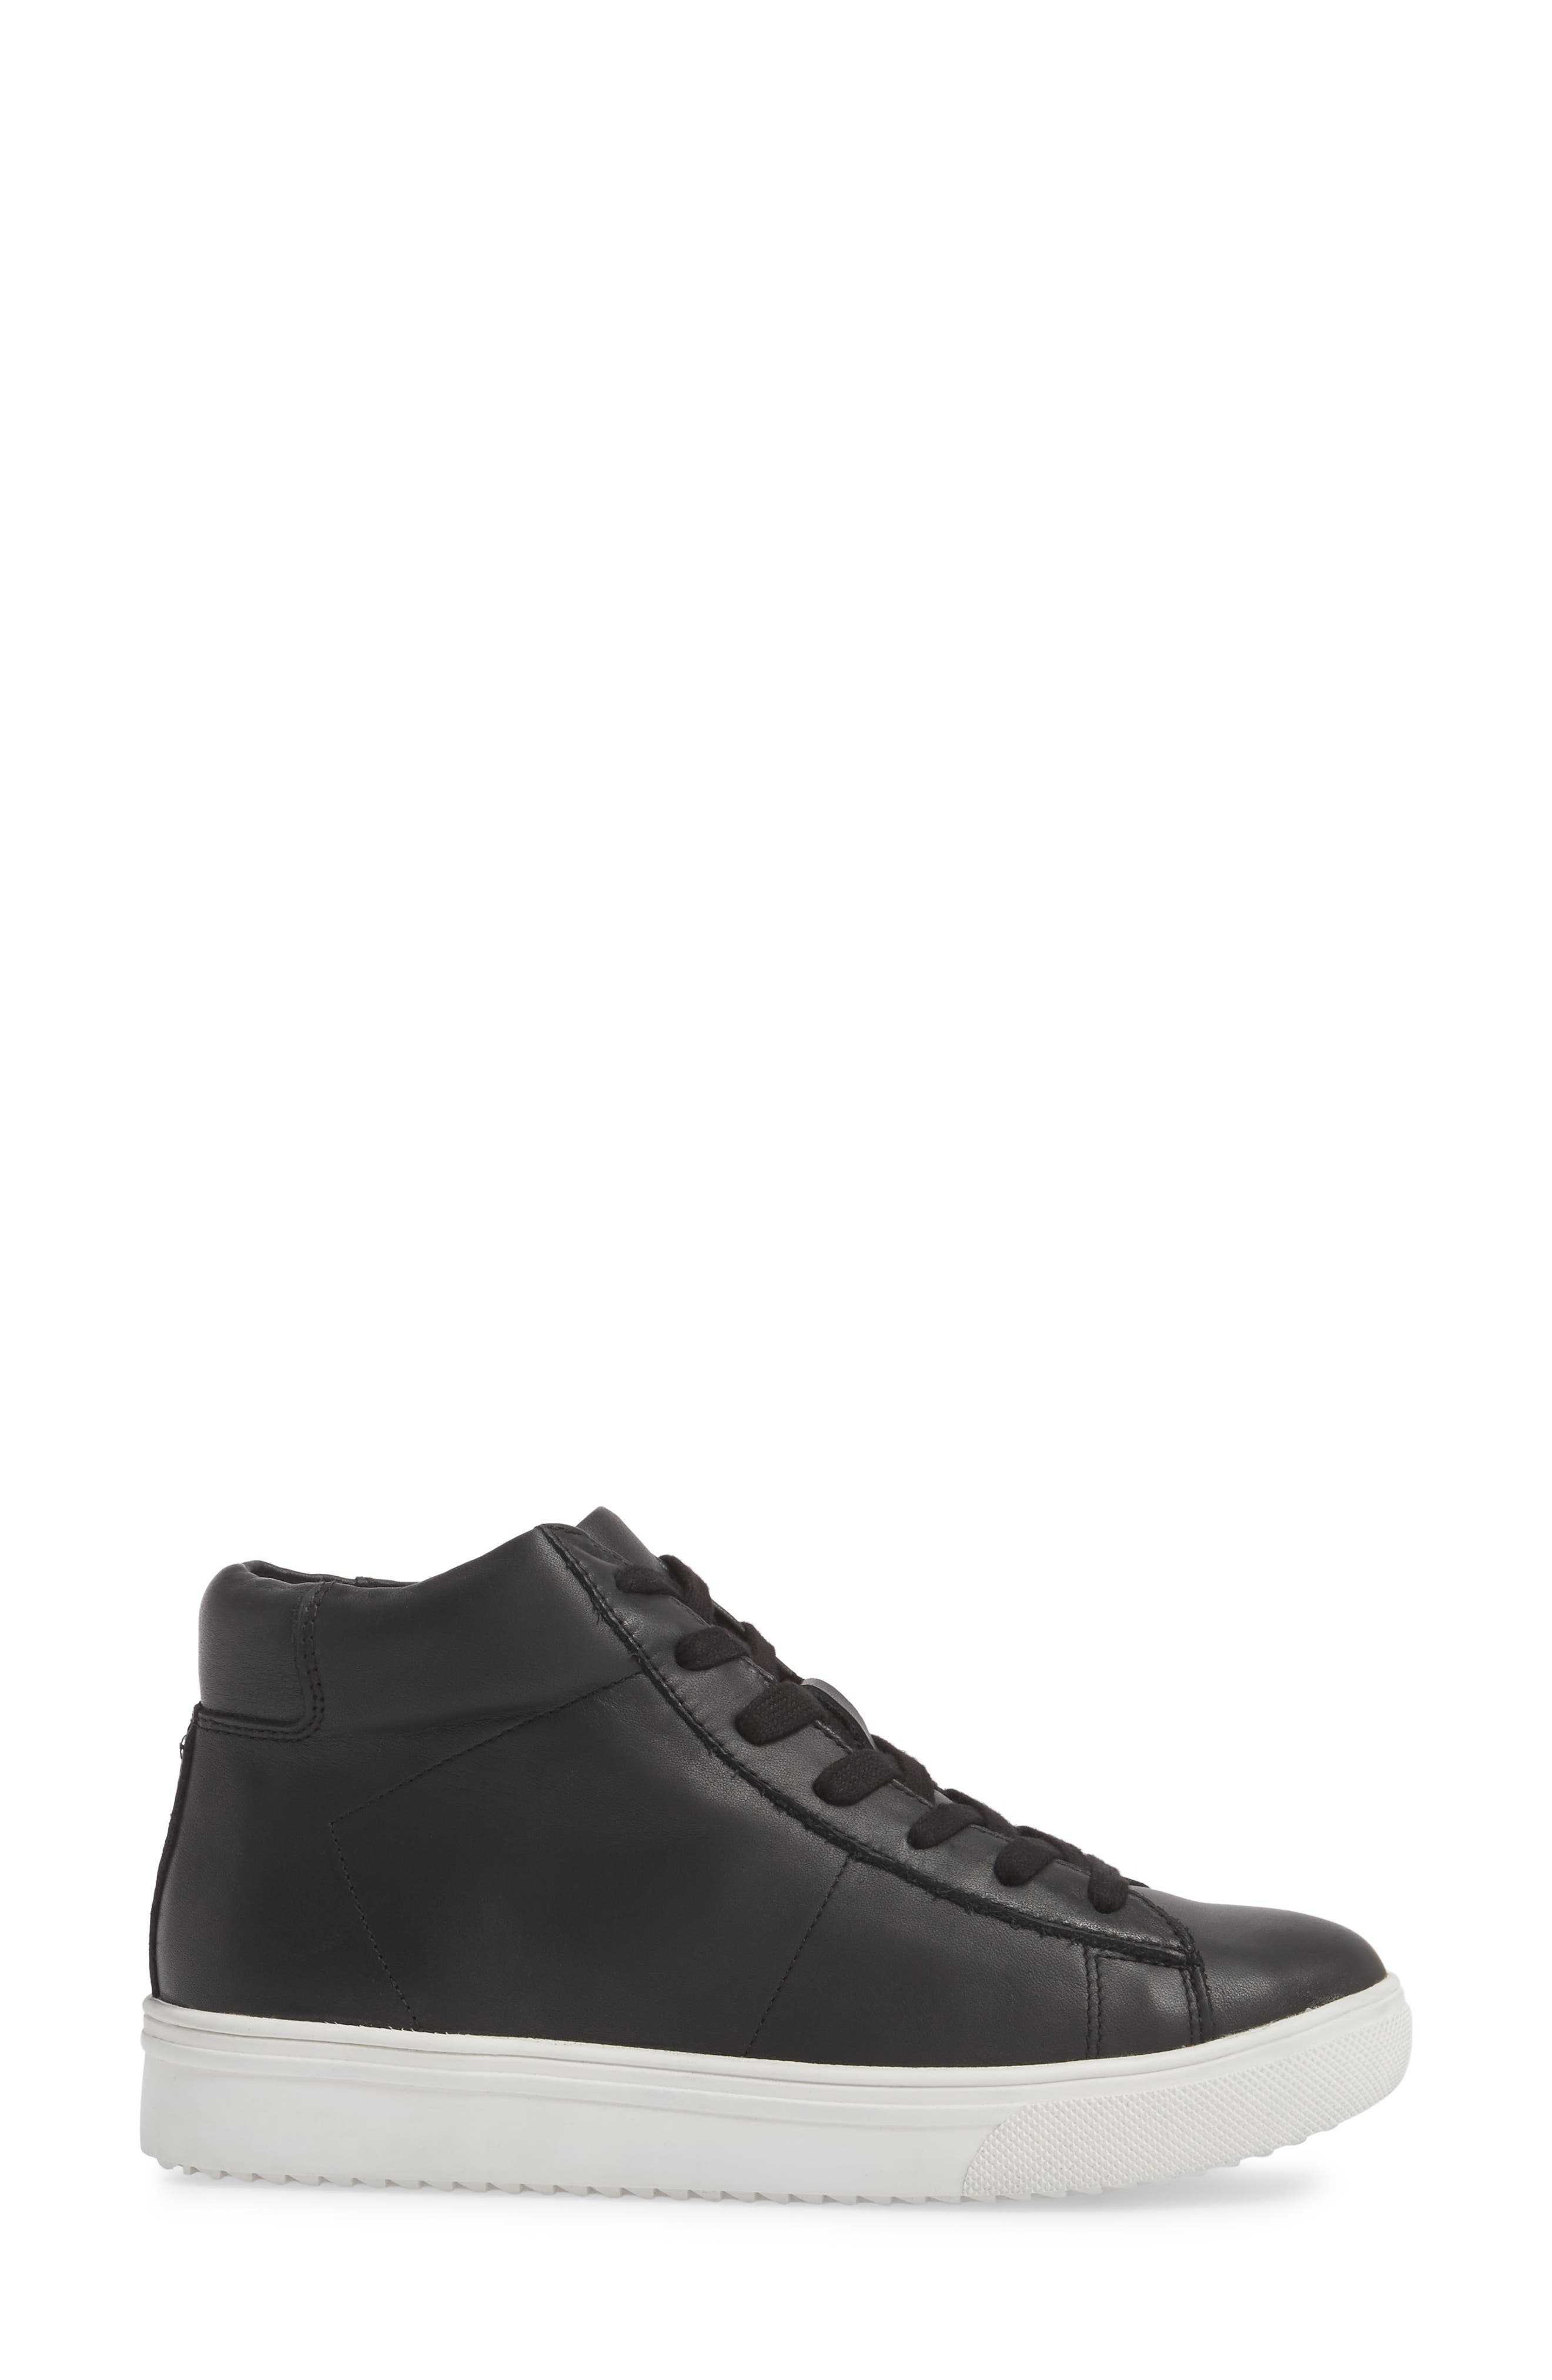 Alternate Image 3  - Blondo Jax Waterproof High Top Sneaker (Women)